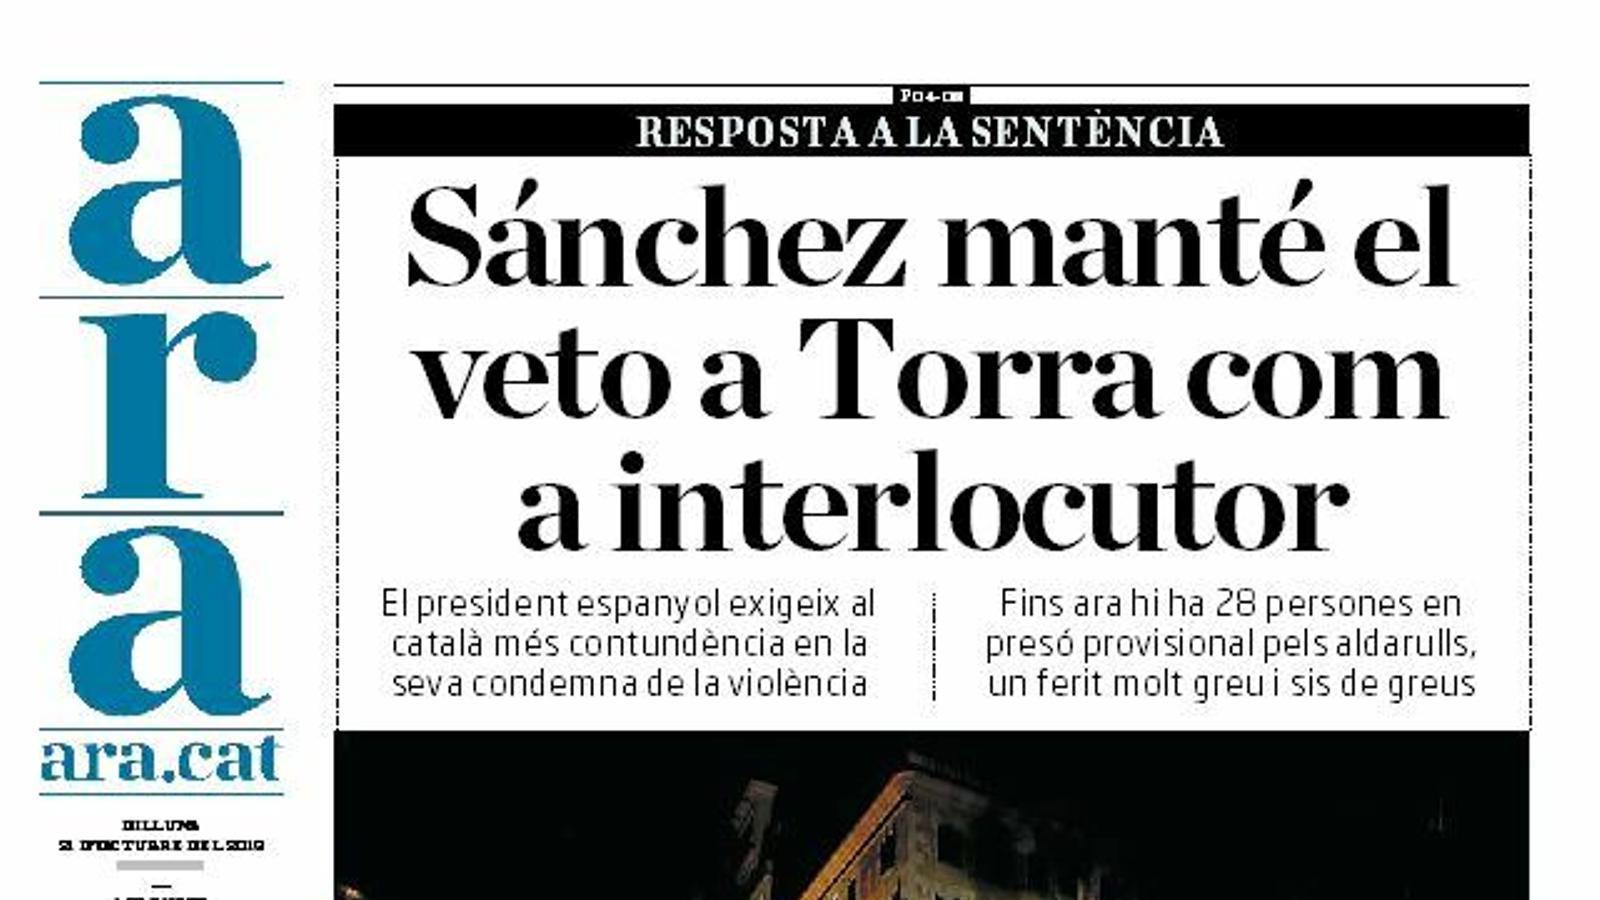 """""""Sánchez manté el veto a Torra com a interlocutor"""", portada de l'ARA"""